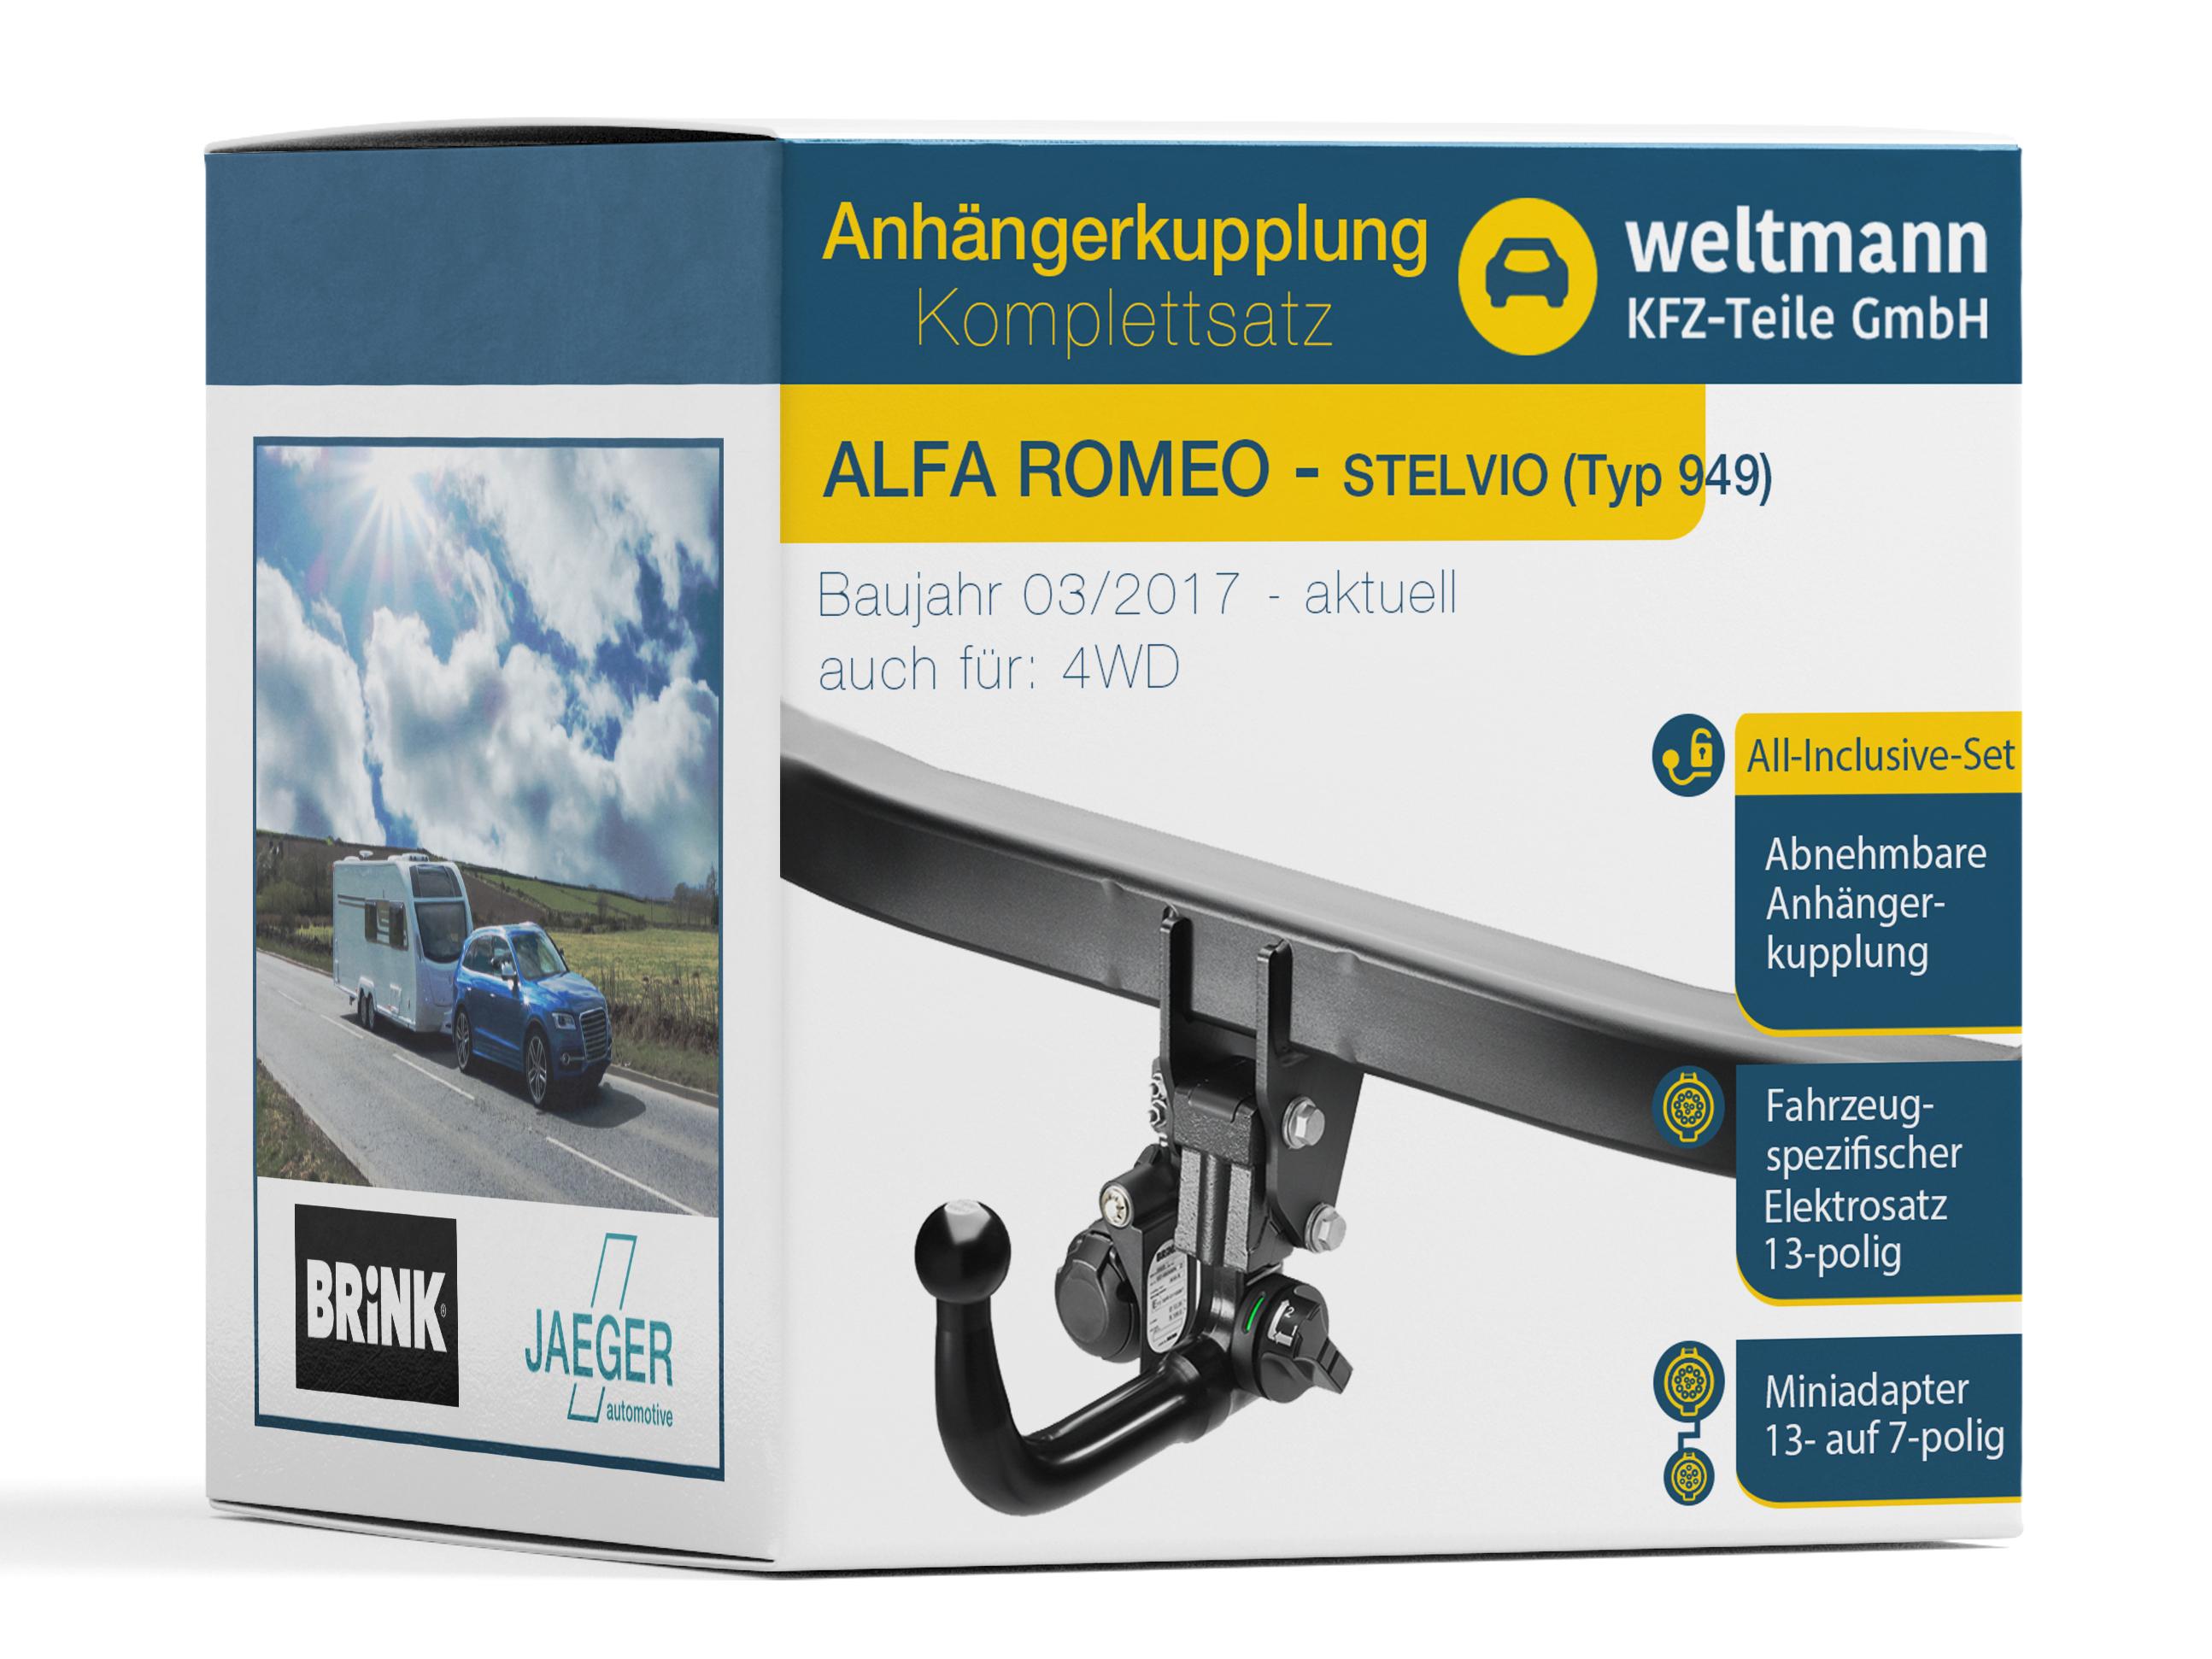 stelvio | alfa romeo | anhängerkupplung komplettsatz | weltmann kfz